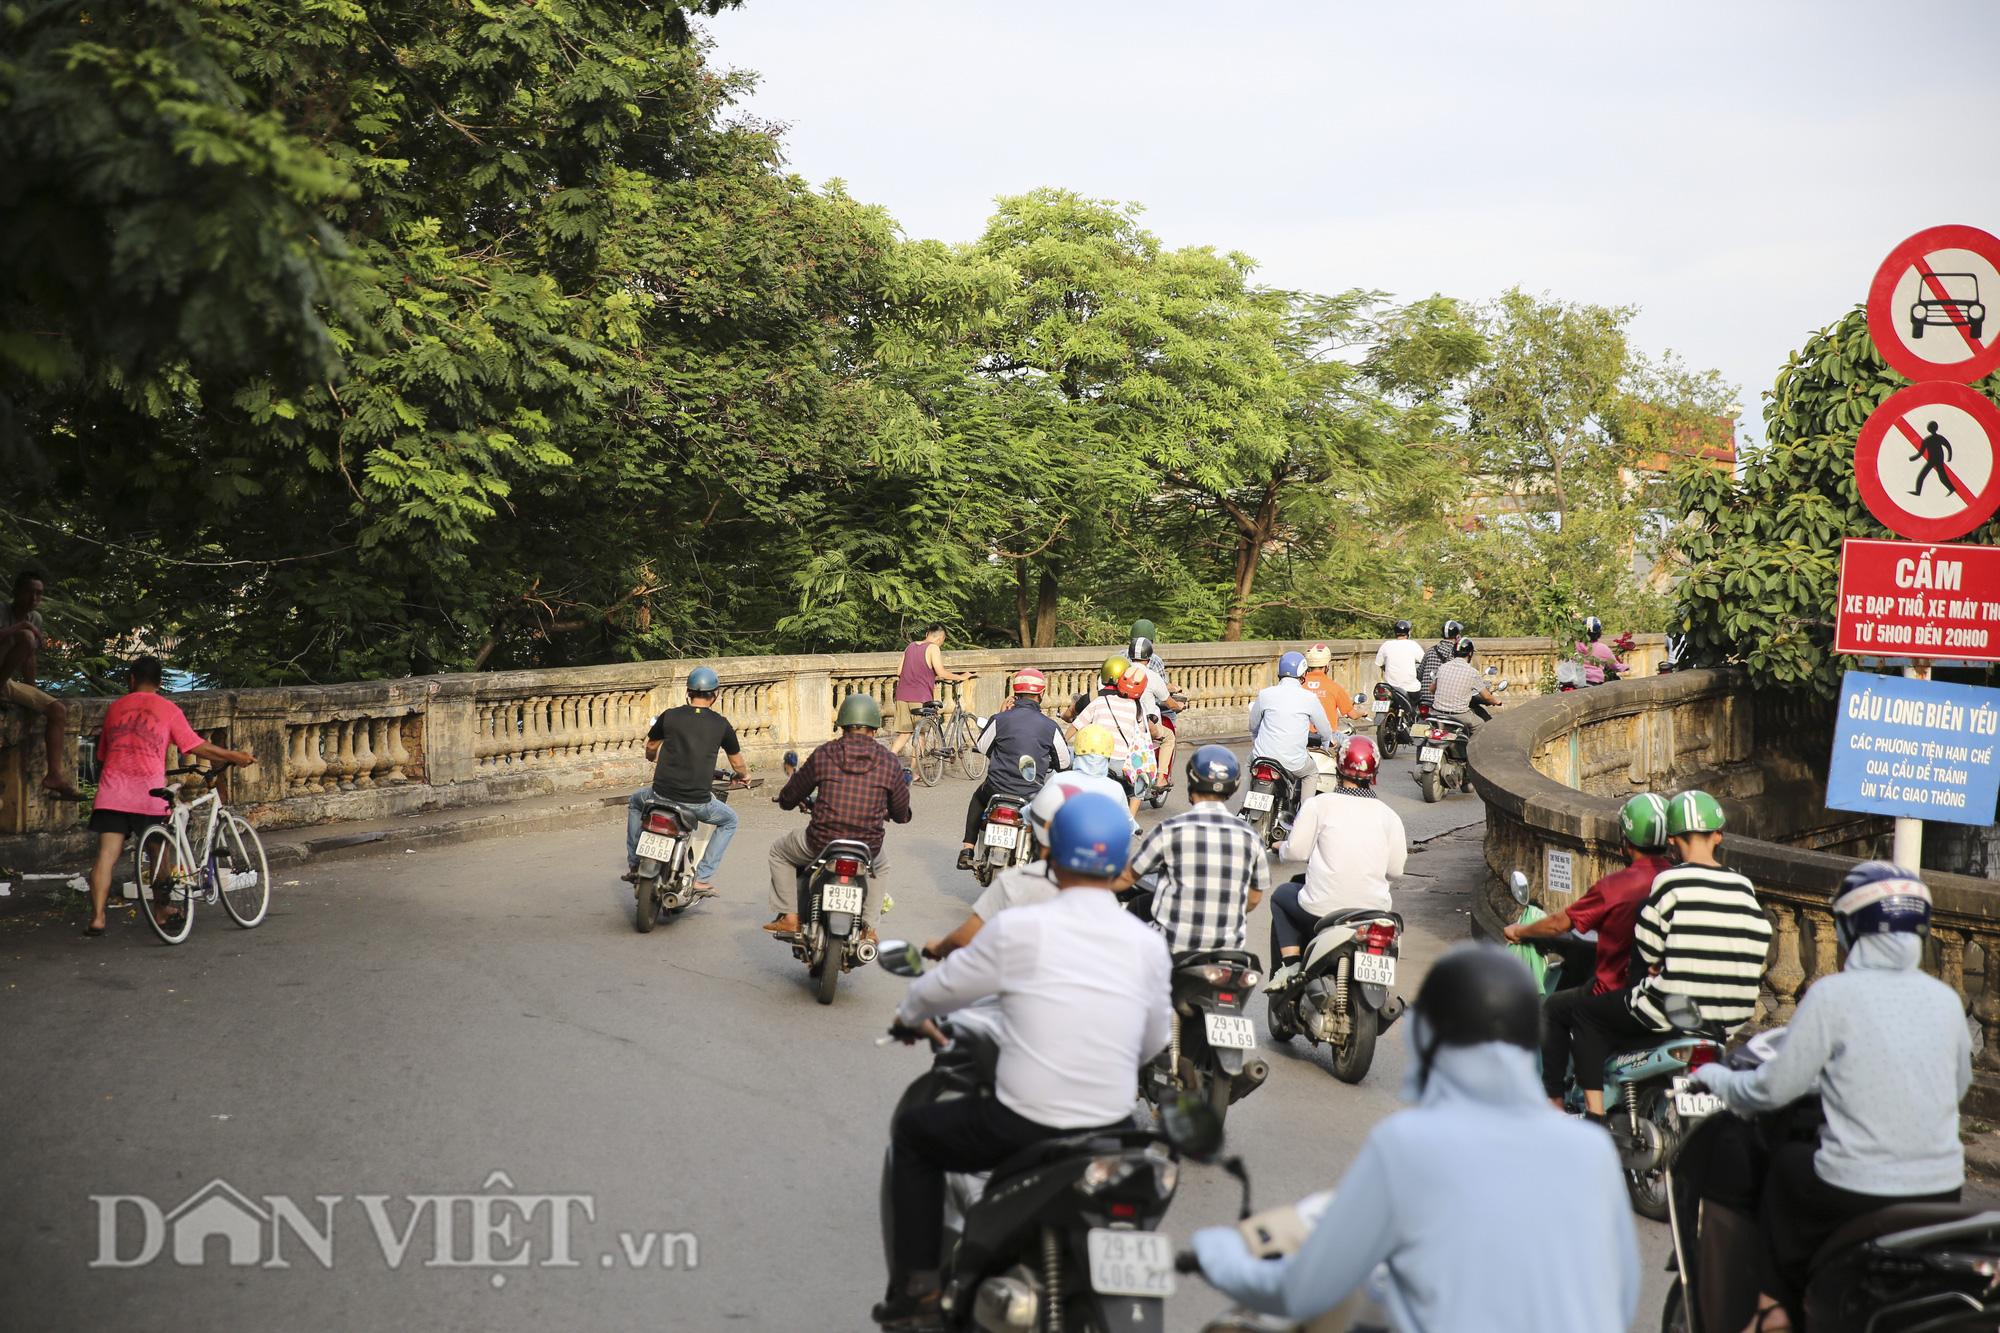 Mặc biển cấm, người dân vẫn vô tư đi bộ trên cầu Long Biên - Ảnh 1.